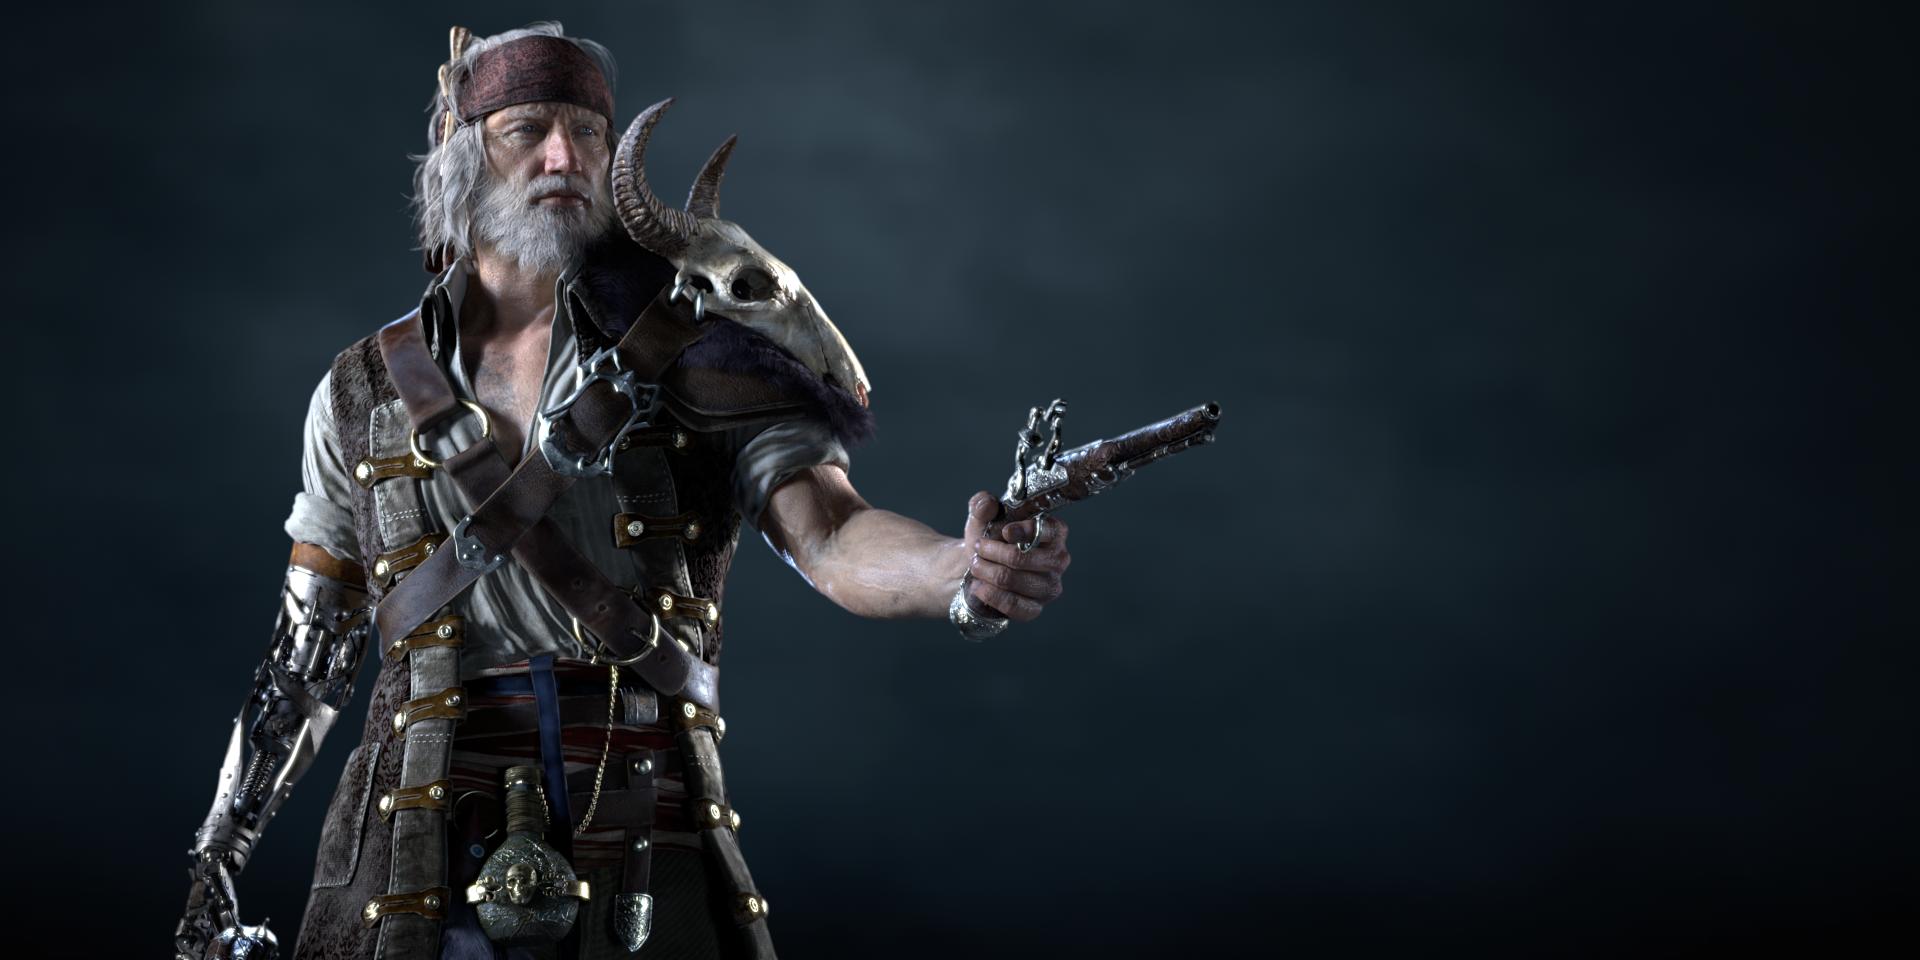 Male Pirate / 2018.03